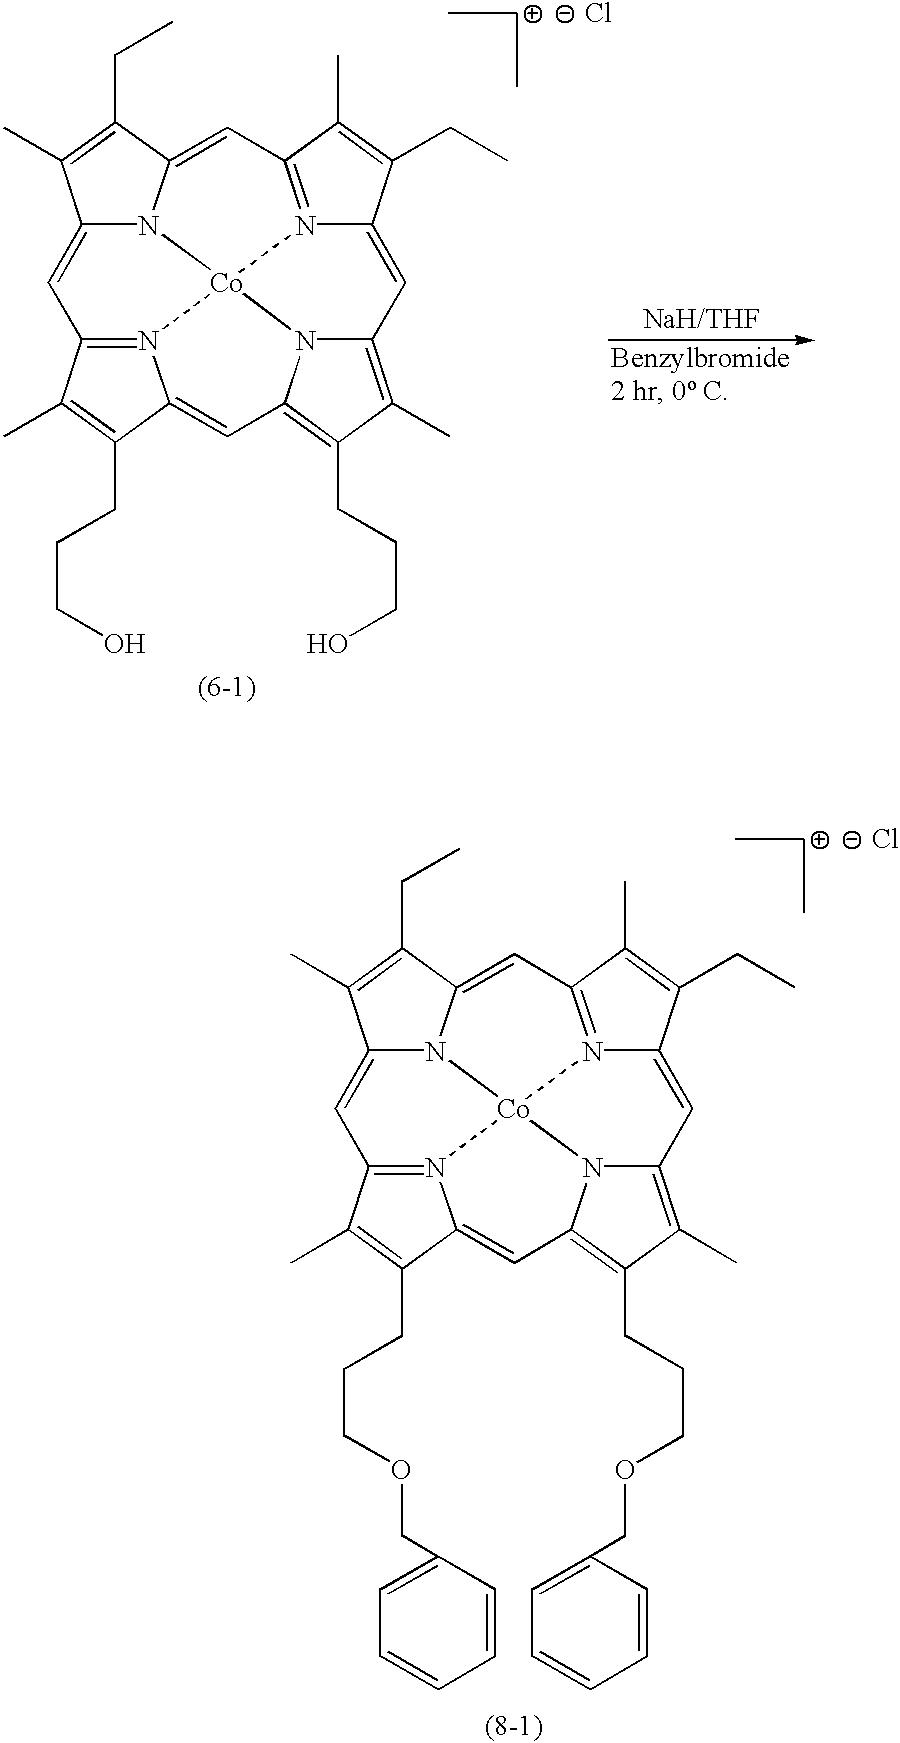 Figure US20020165216A1-20021107-C00019